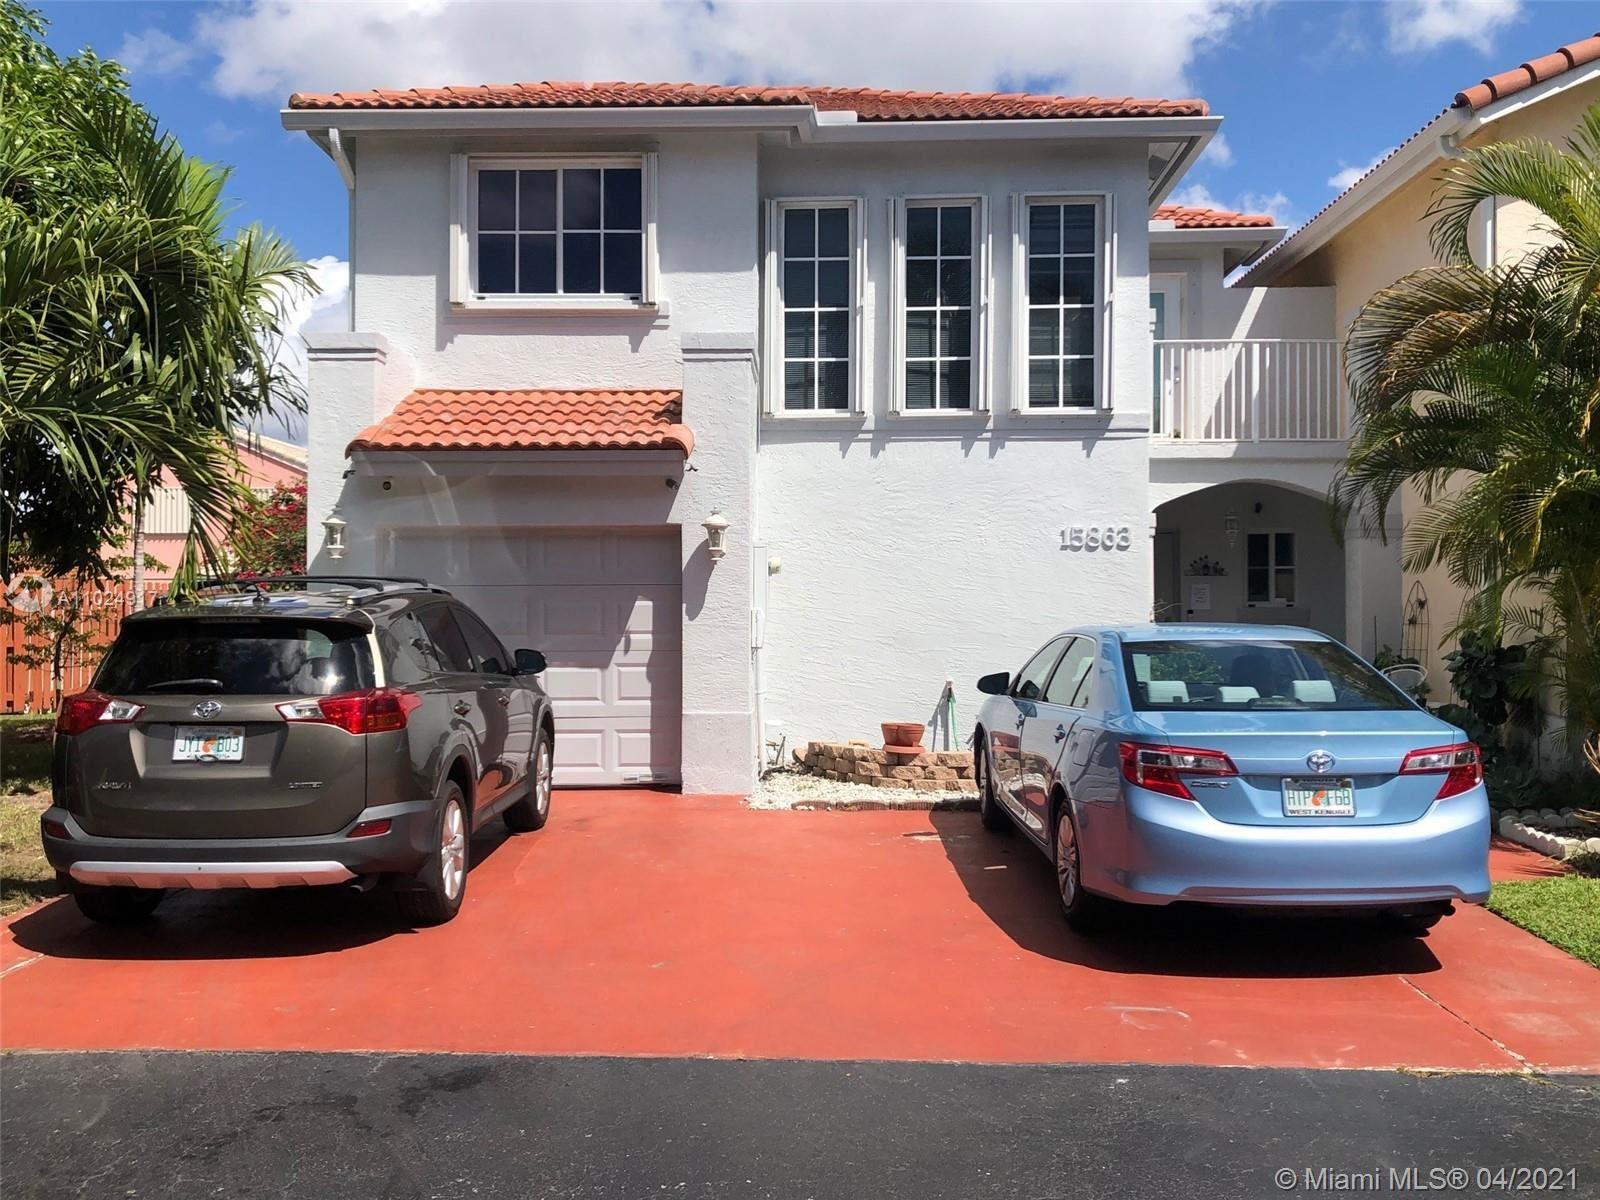 15863 SW 86th Ter, Miami, FL 33193 - #: A11024917